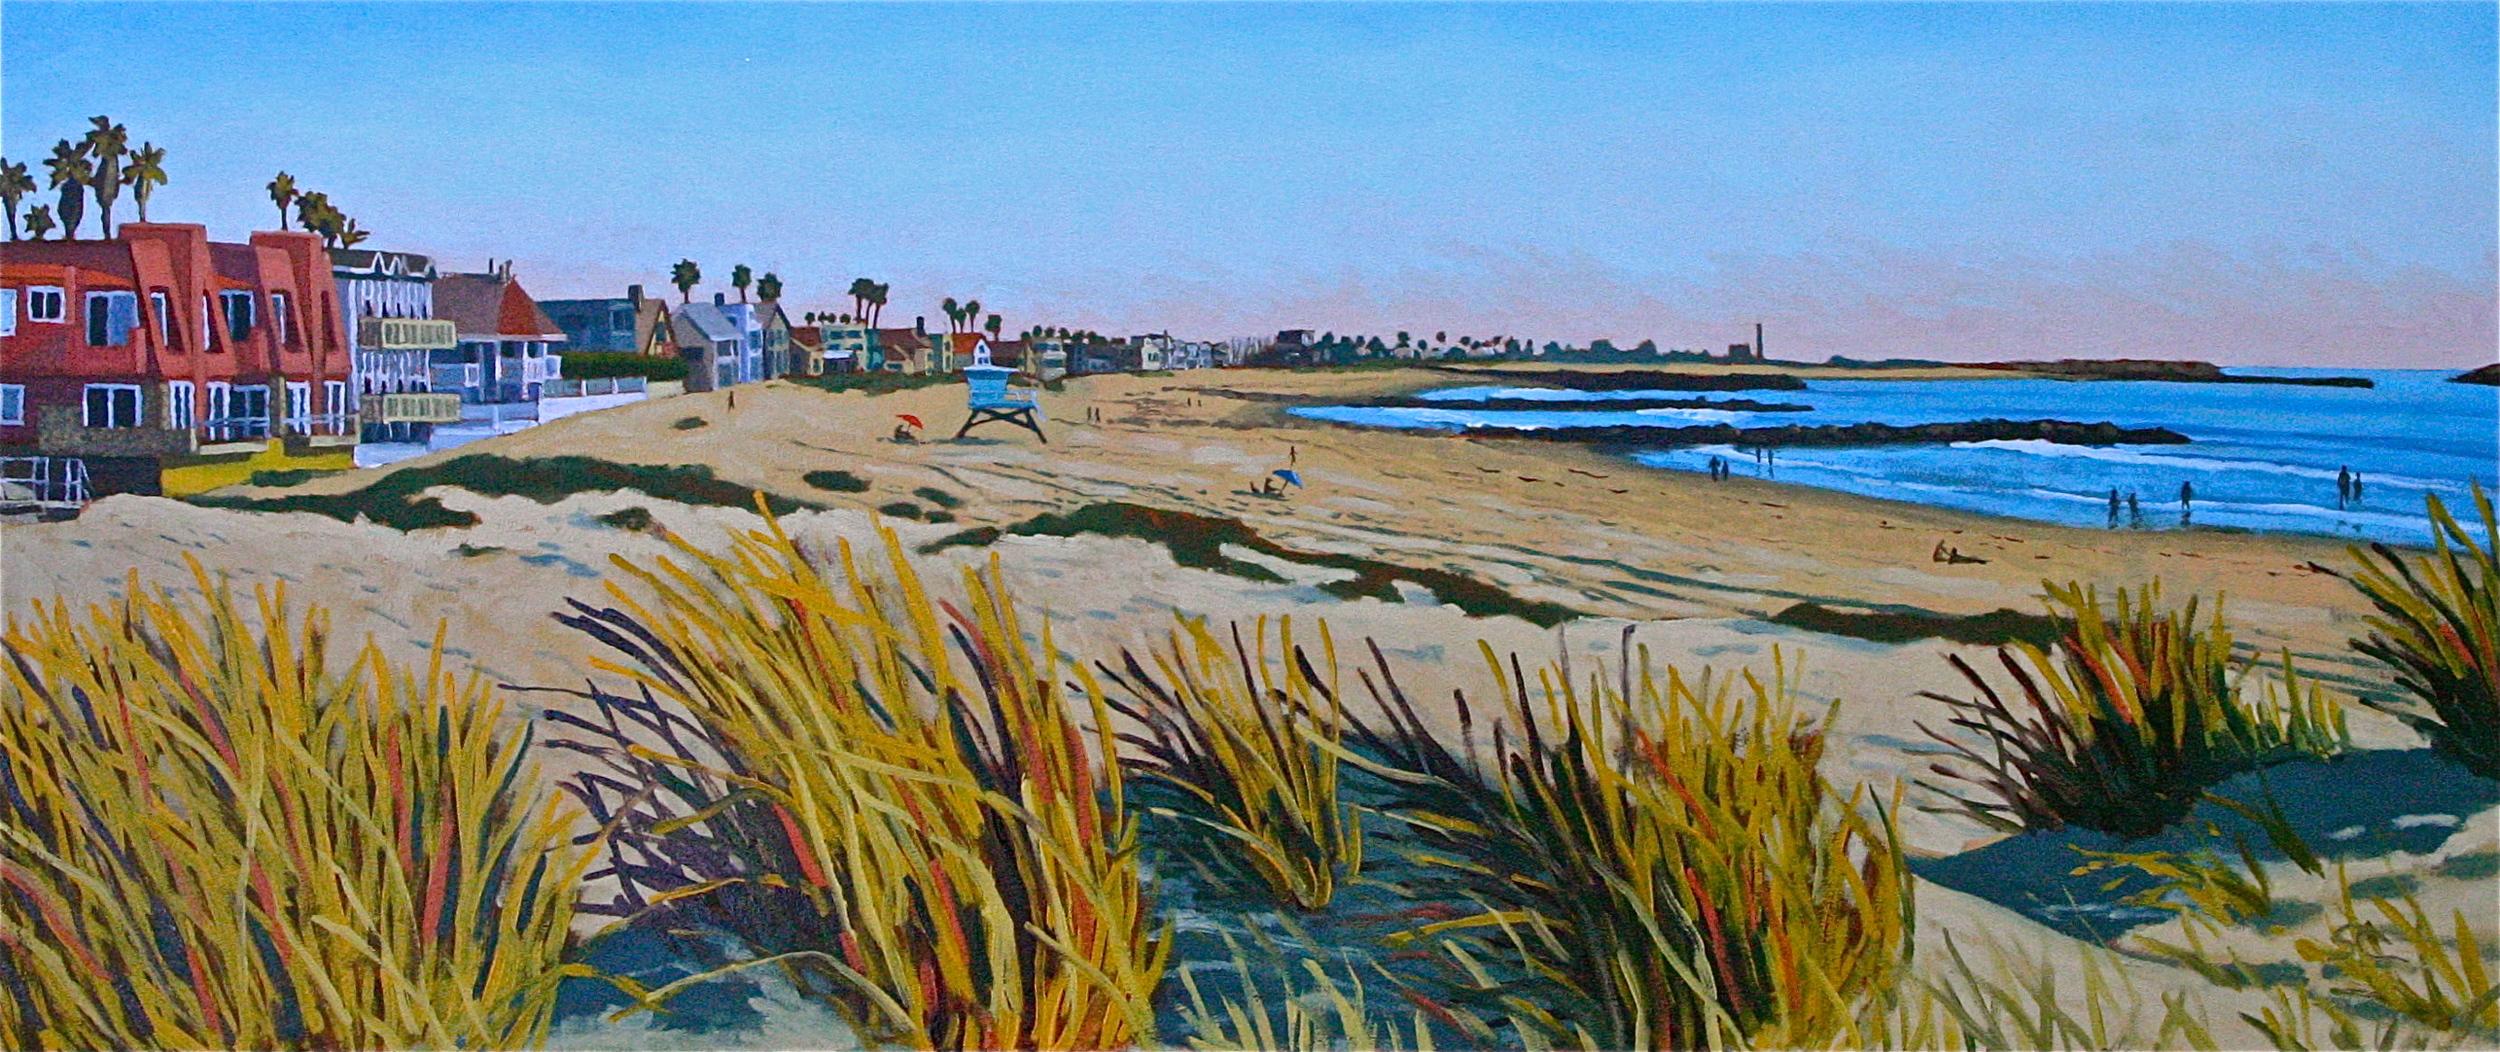 """""""Pierpont Dunes"""" oil on birch panel 18 x 42 sold"""